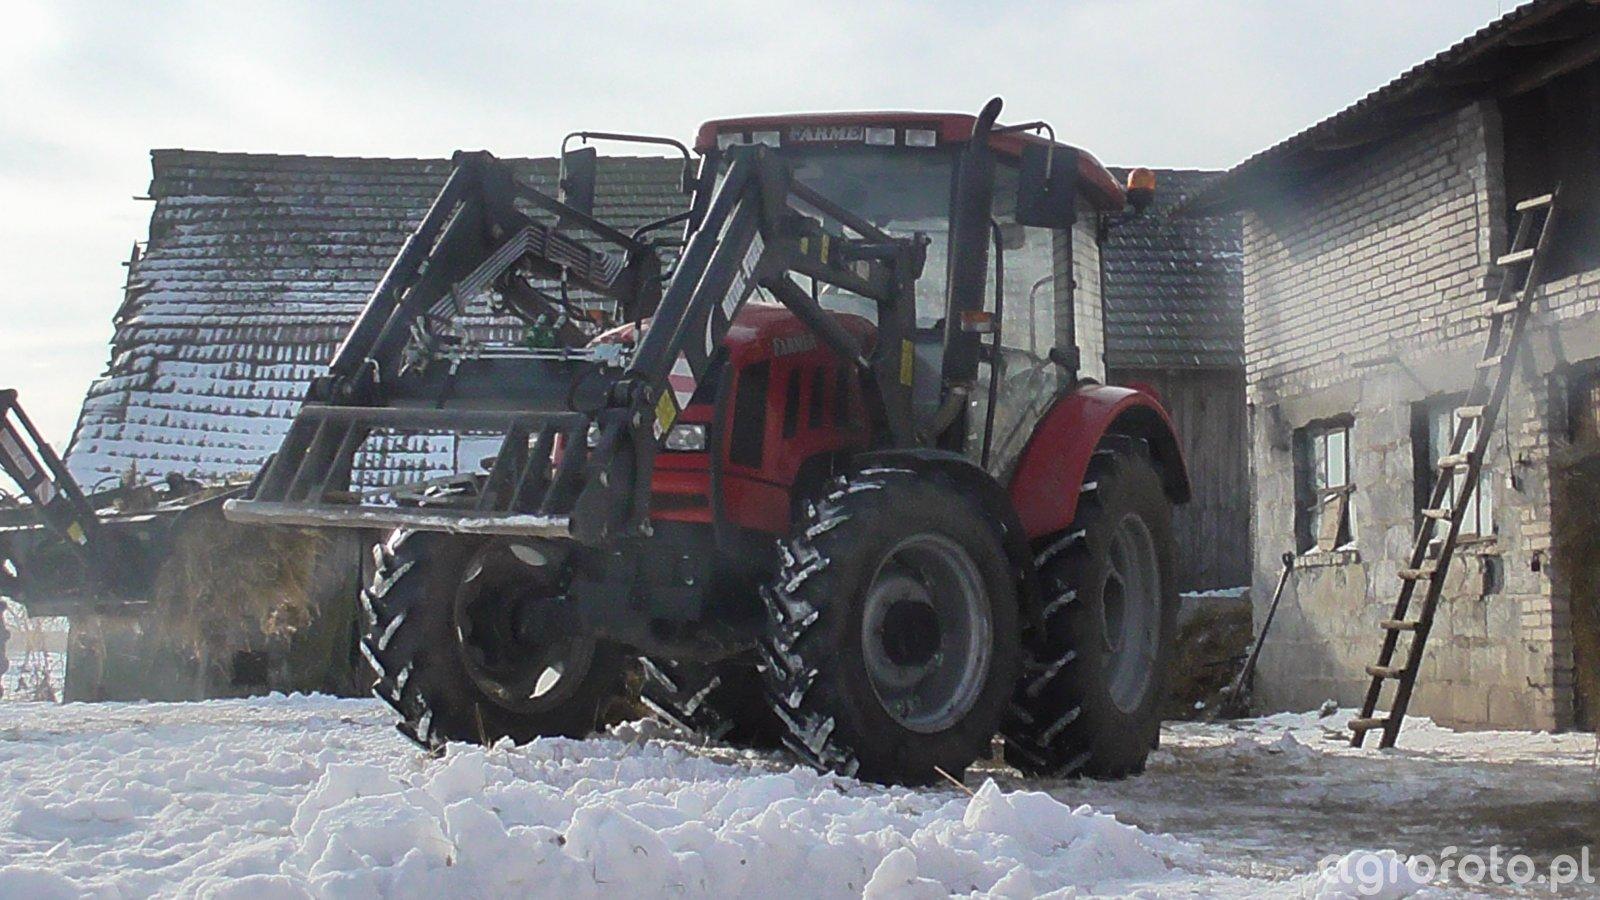 Farmer 7258 f4